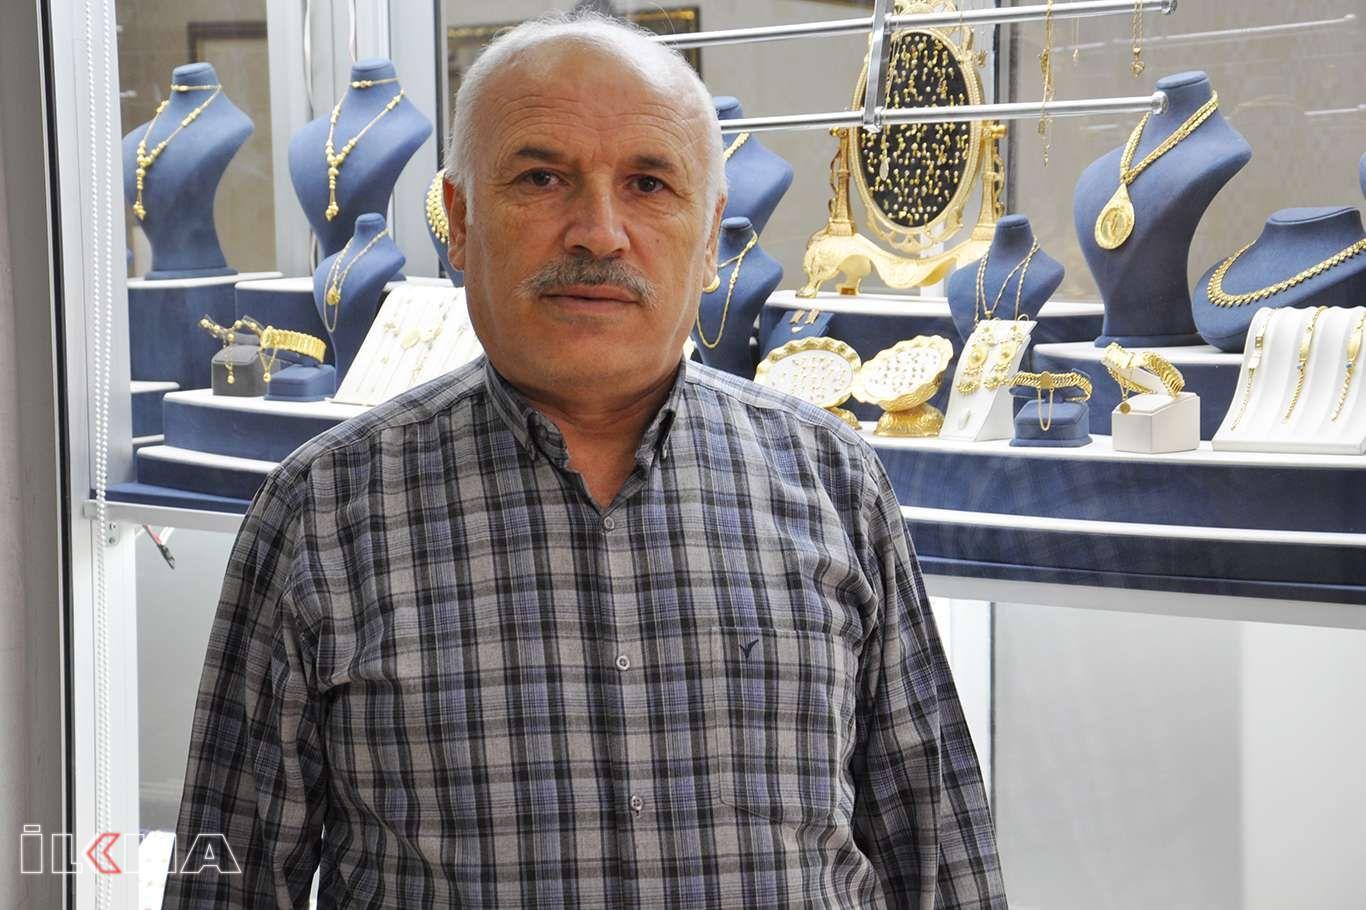 200 bin liralık altını çalan hırsızların serbest bırakılmasına tepki gösterdi